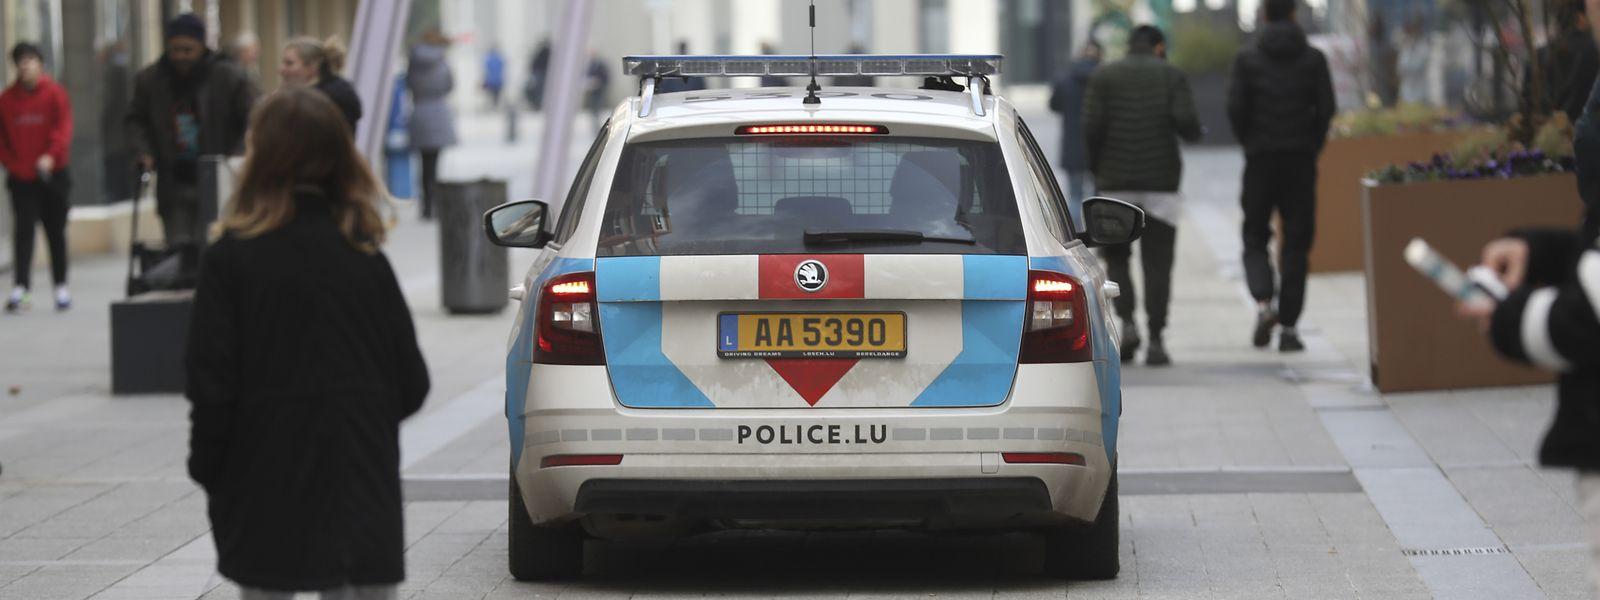 Die Polizei kontrolliert, ob sich Menschen an die Regeln halten. Wer dies nicht tut, muss mit saftigen Strafen rechnen.